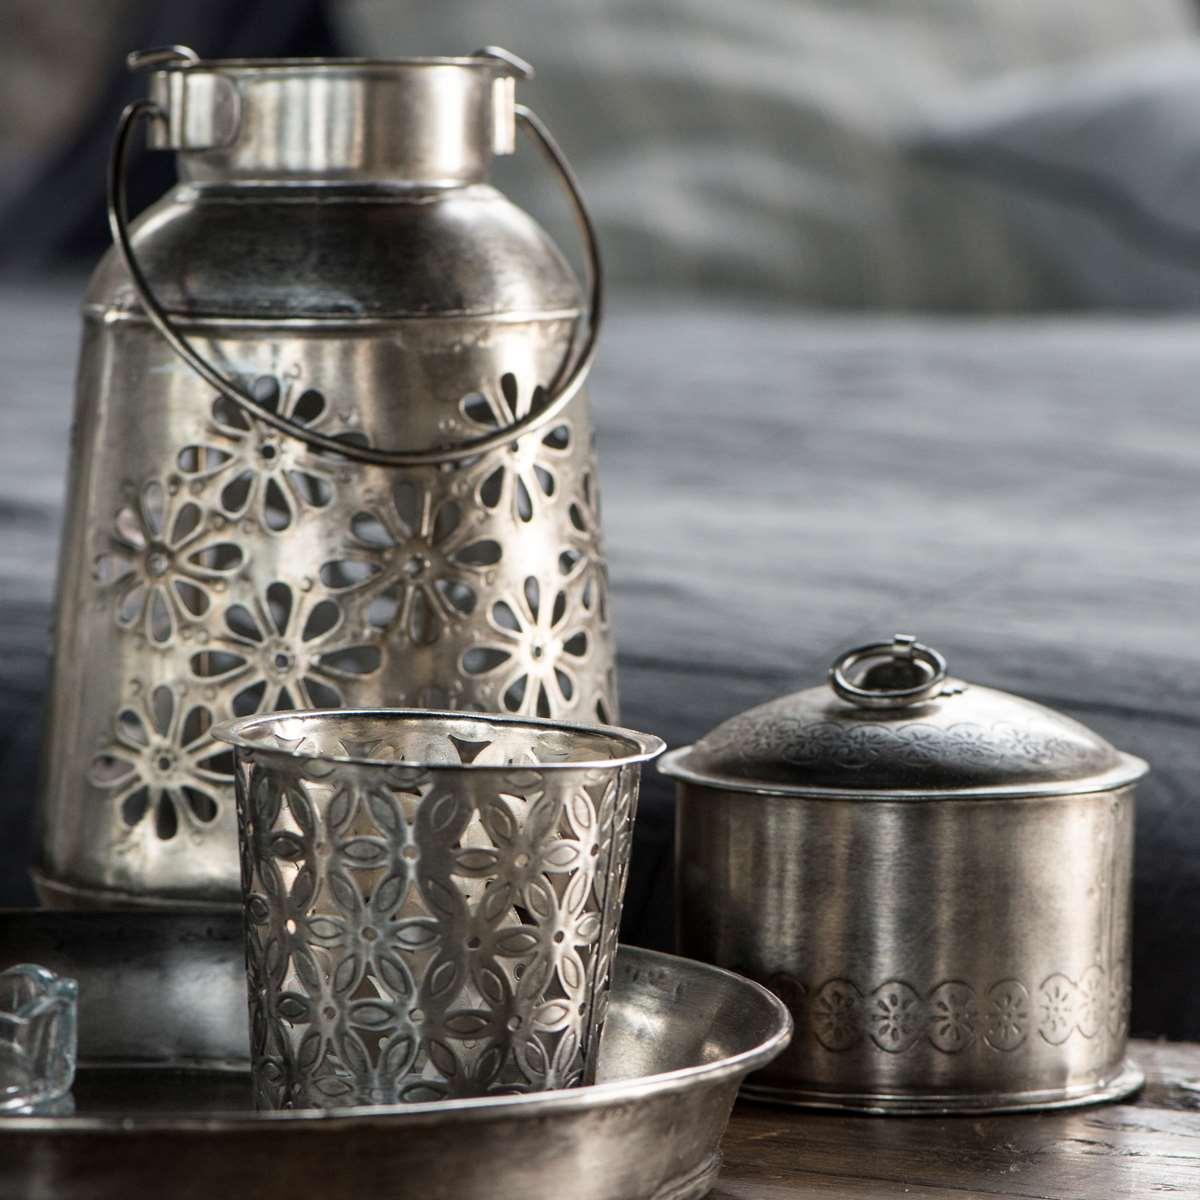 Dåse i metal med smukt mønster fra Ib Laursen